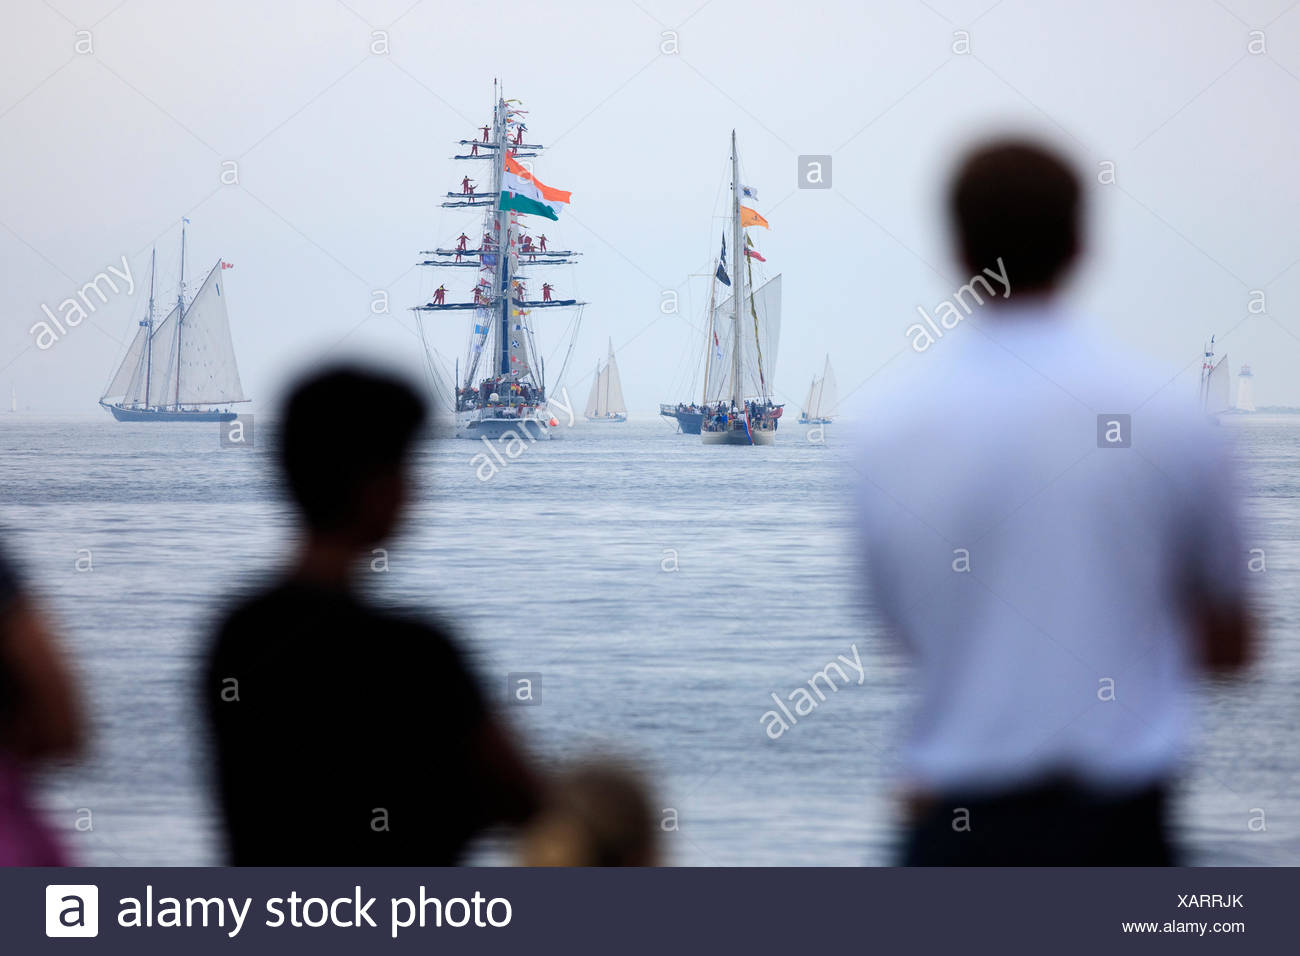 Le navi a vela in testa al mare come la gente guarda la sfilata di vela conclusione del 2007 Tall Ships festival di Halifax, Nova Scotia. Immagini Stock